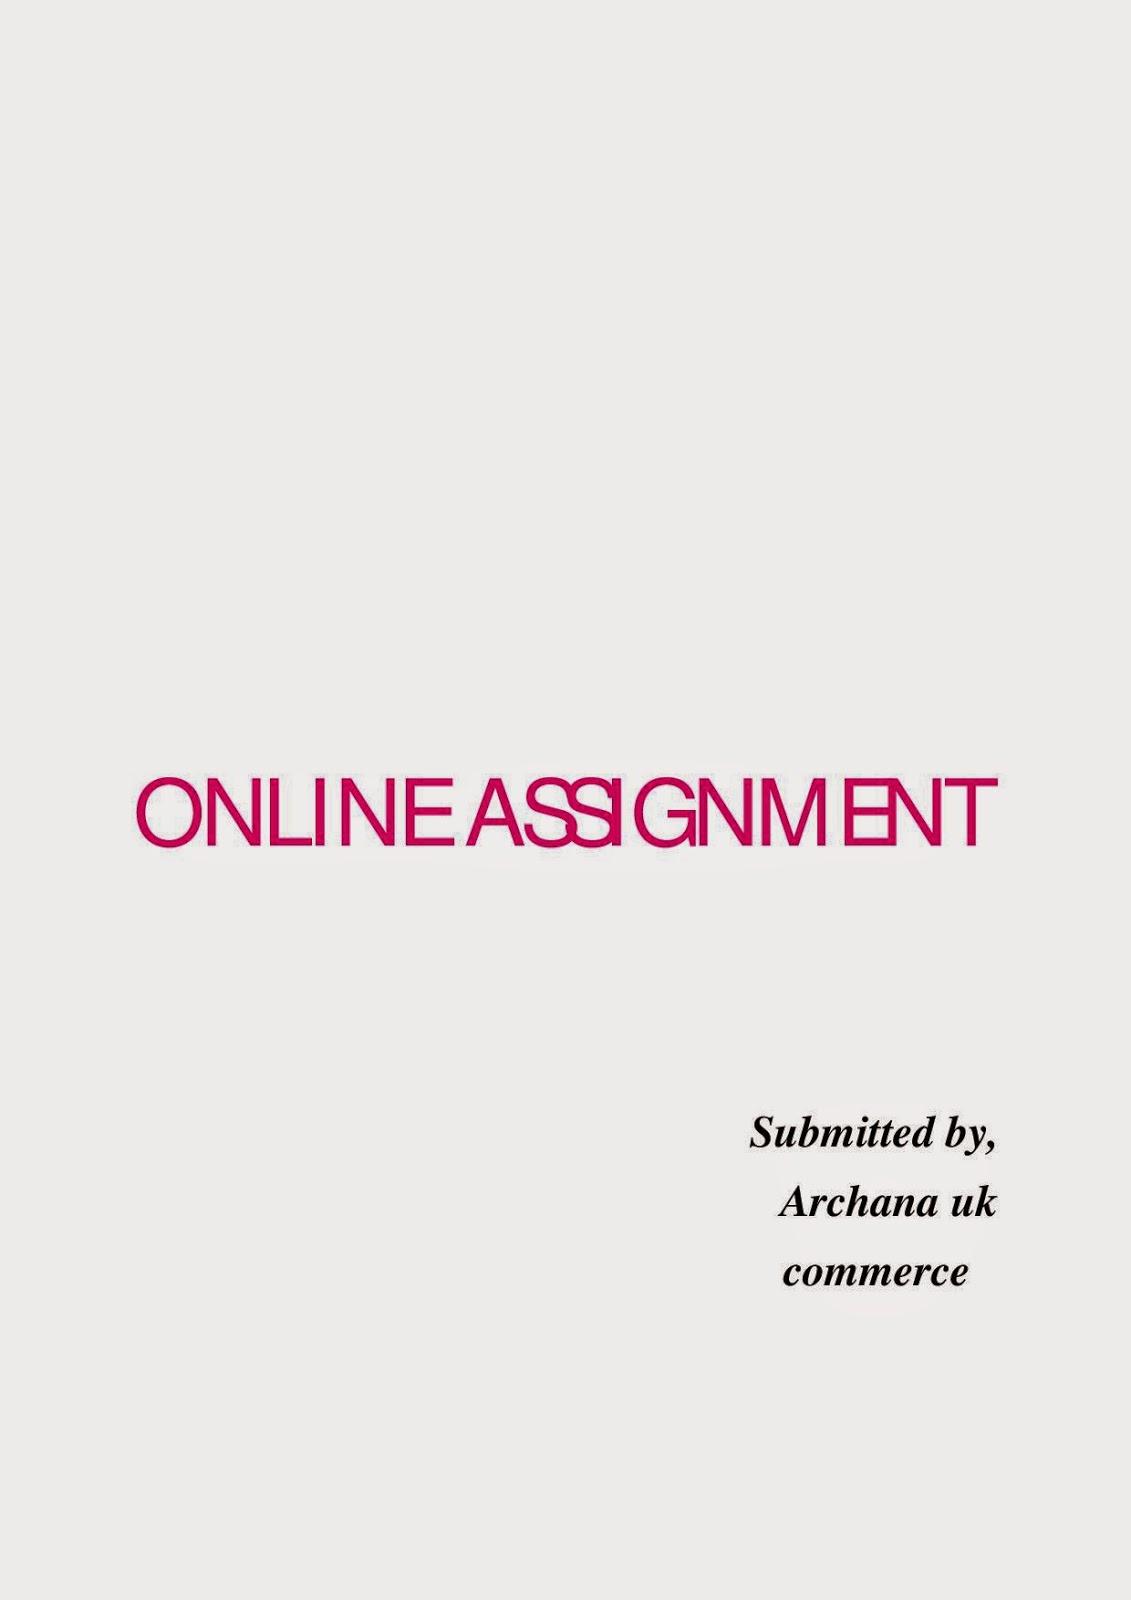 archana uk online assignment